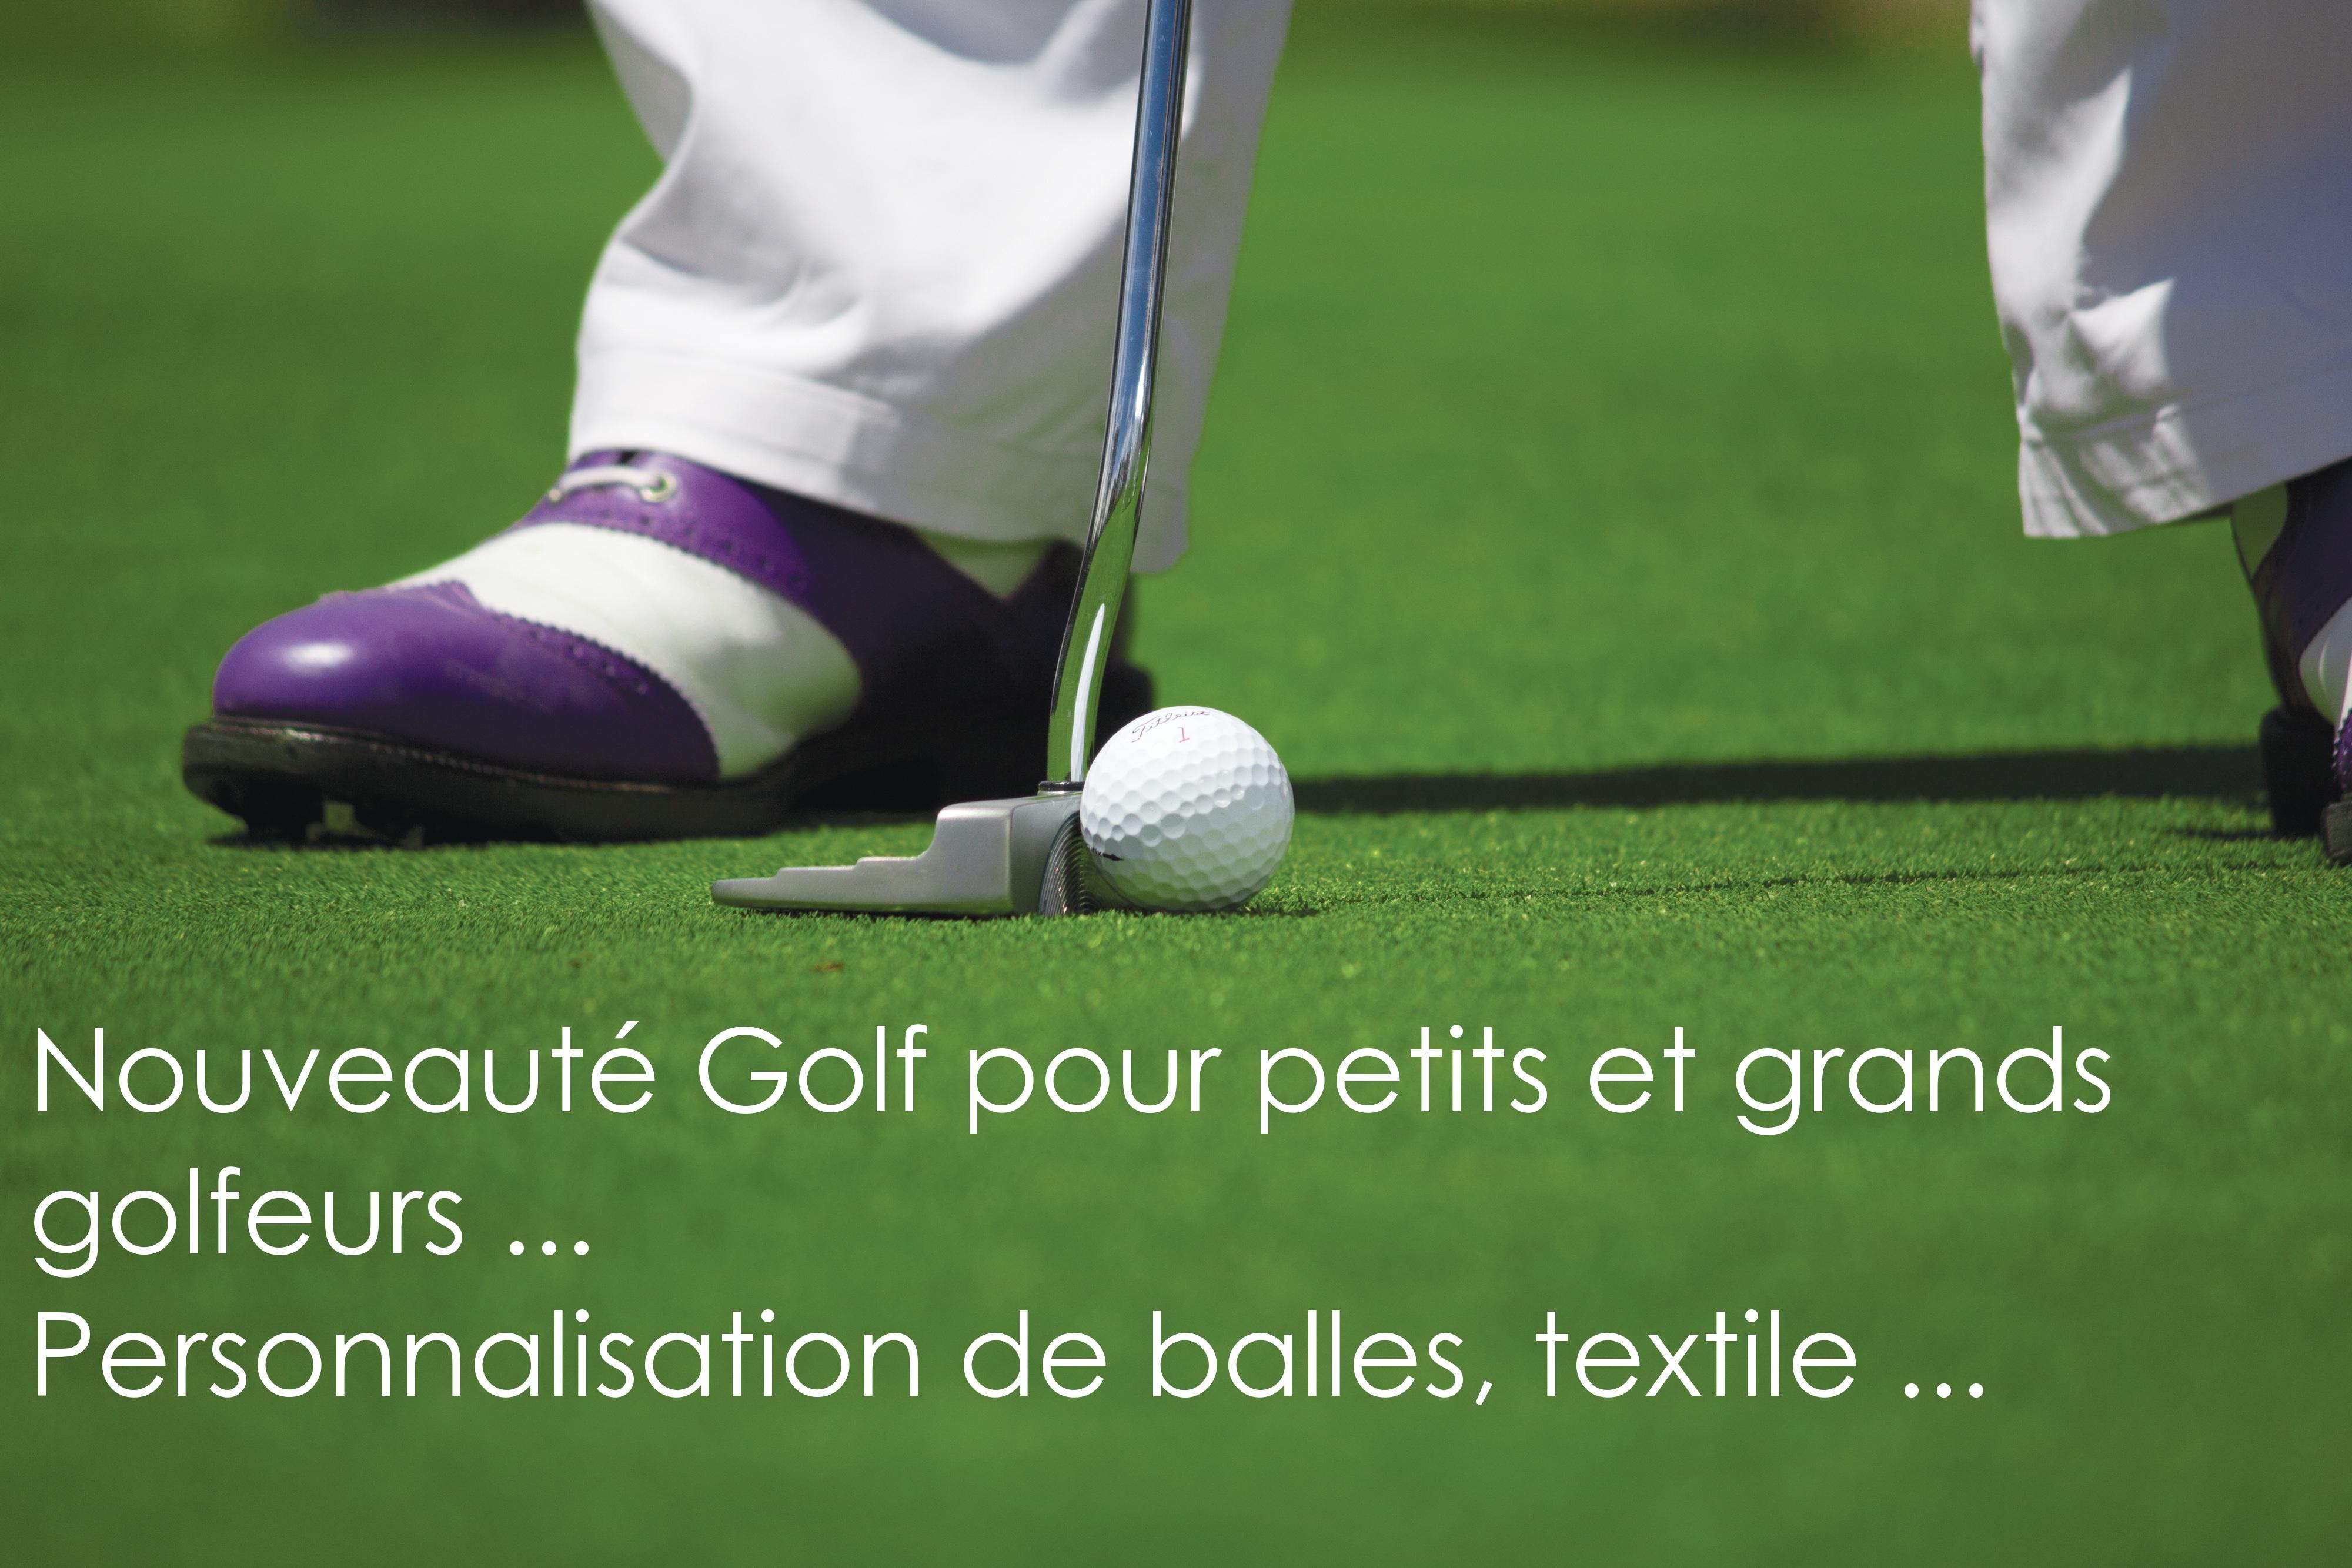 Nouveaute-golf-08.16